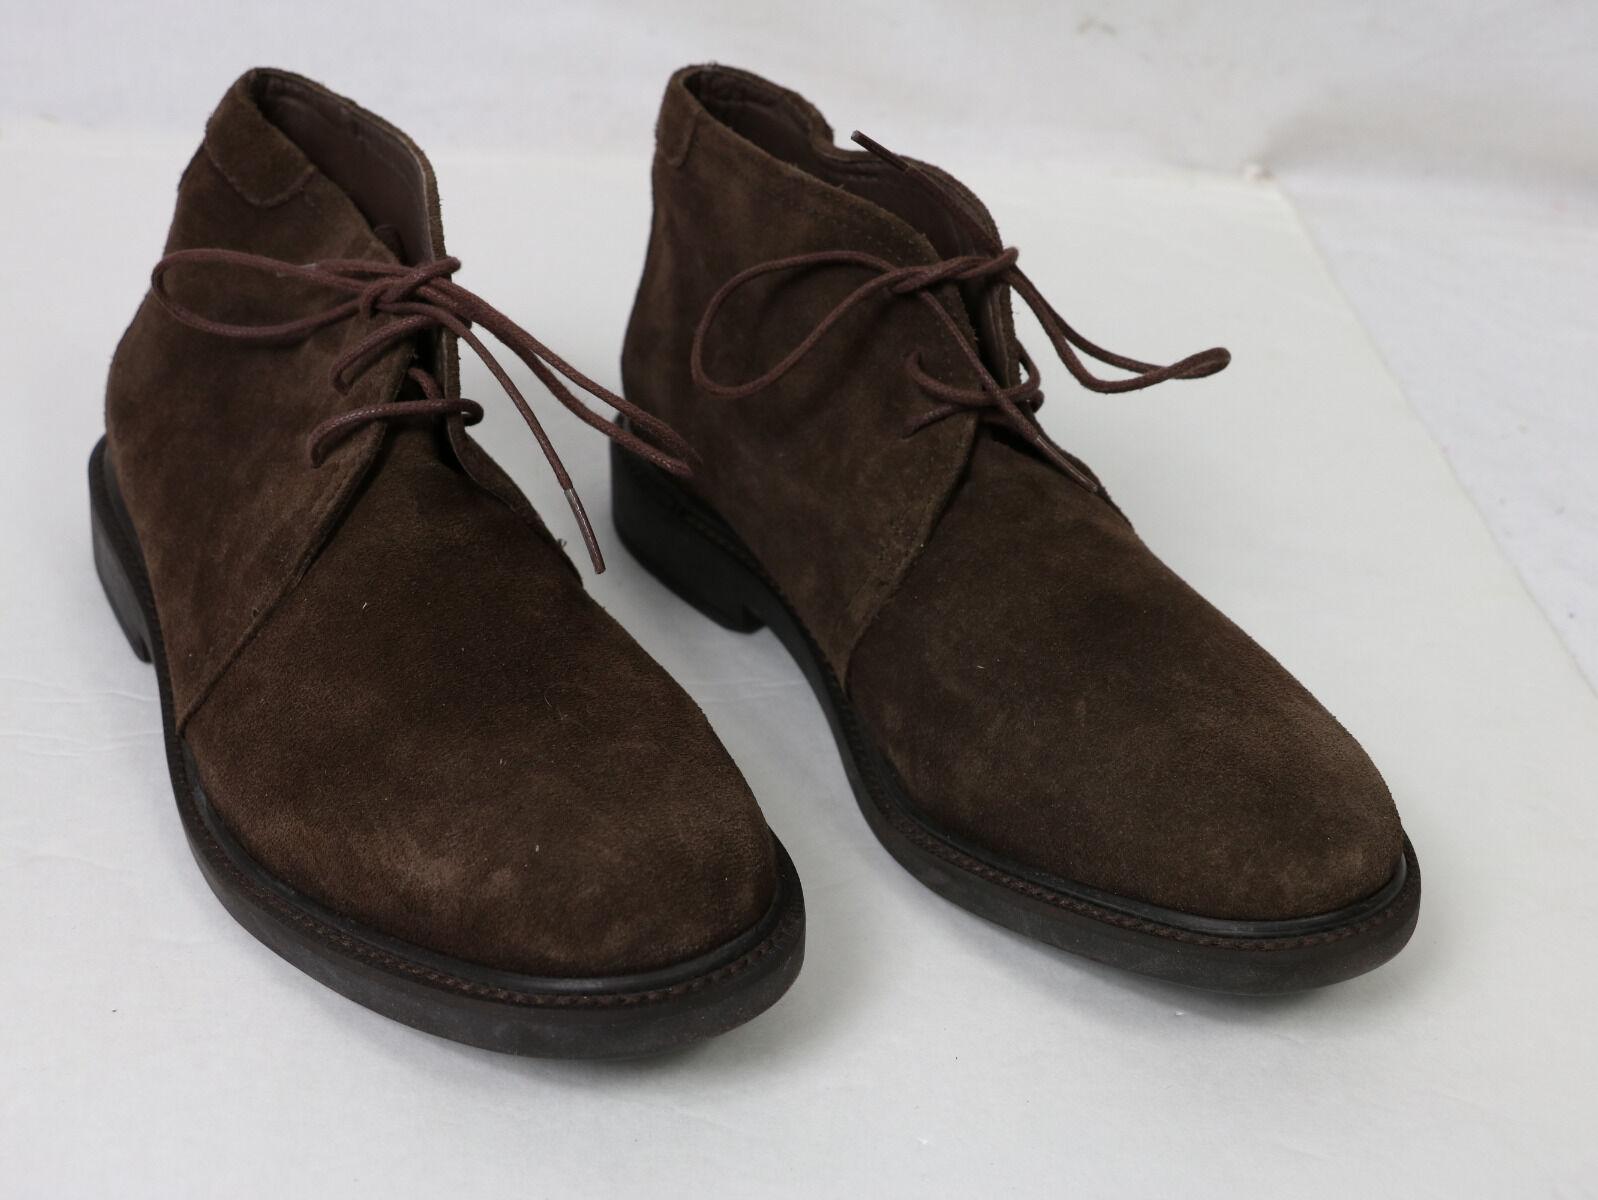 Joseph Abboud Hommes`S Daim Marron Chaussures Cuir Haute Qualité Richelieus